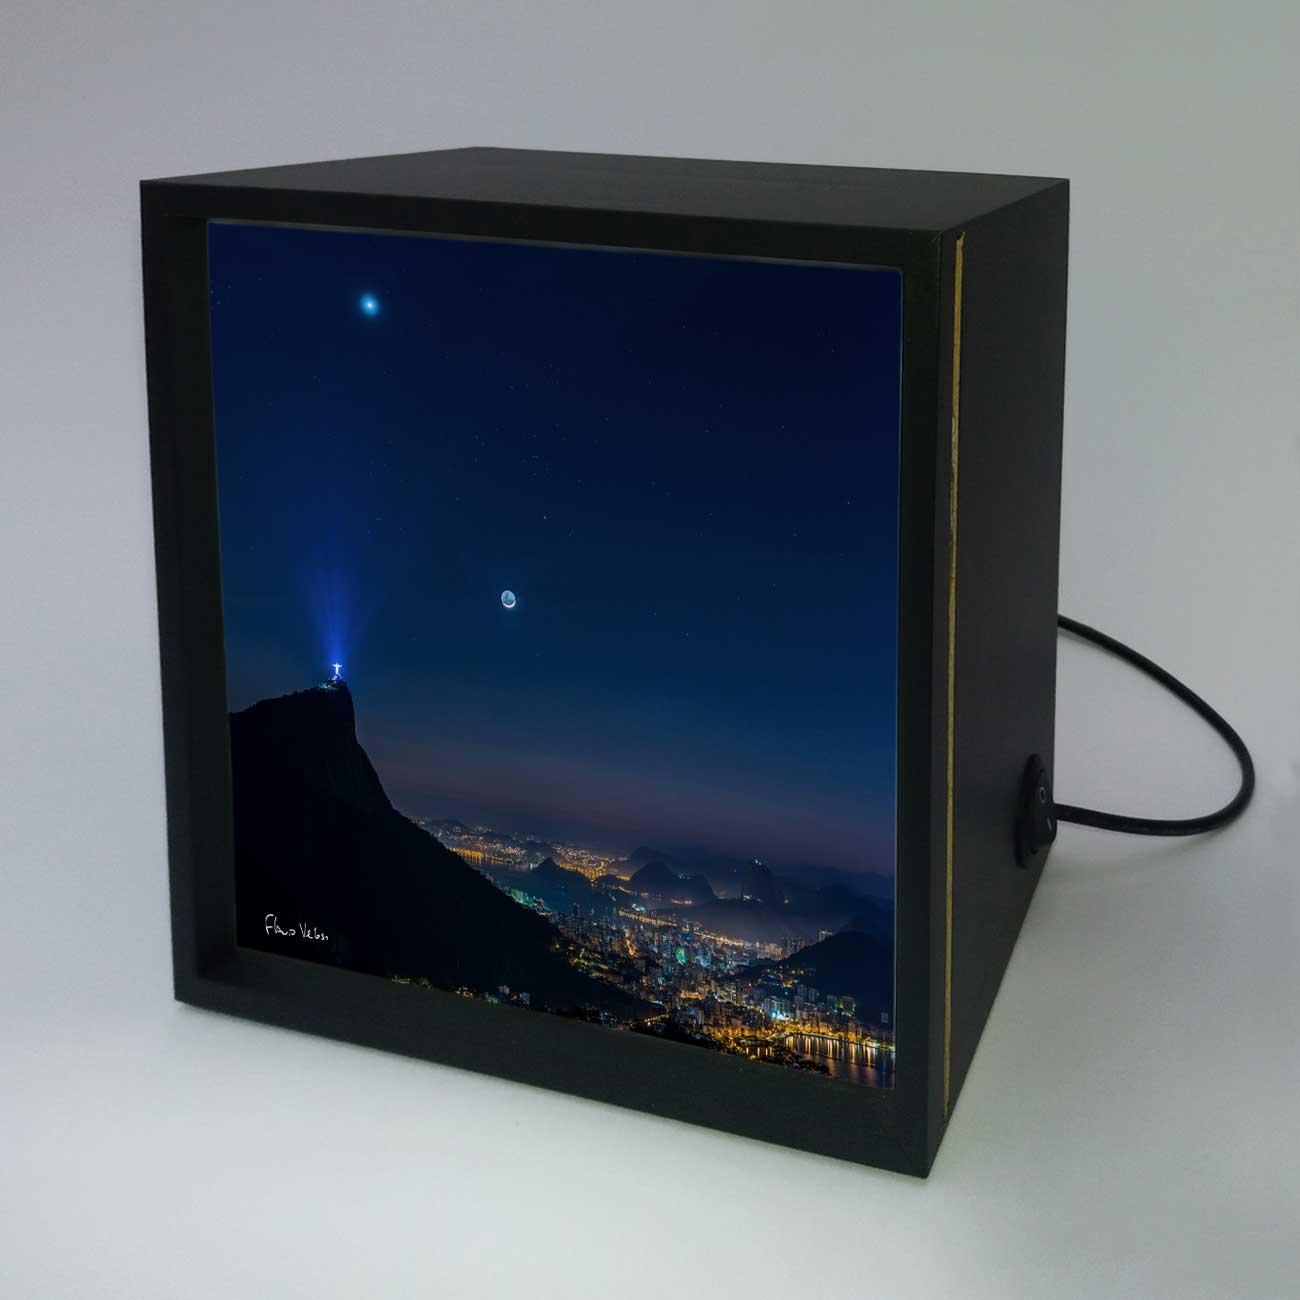 Backlight - Venus, Touro e Lua em luz Cinéria sobre o Rio de Janeiro